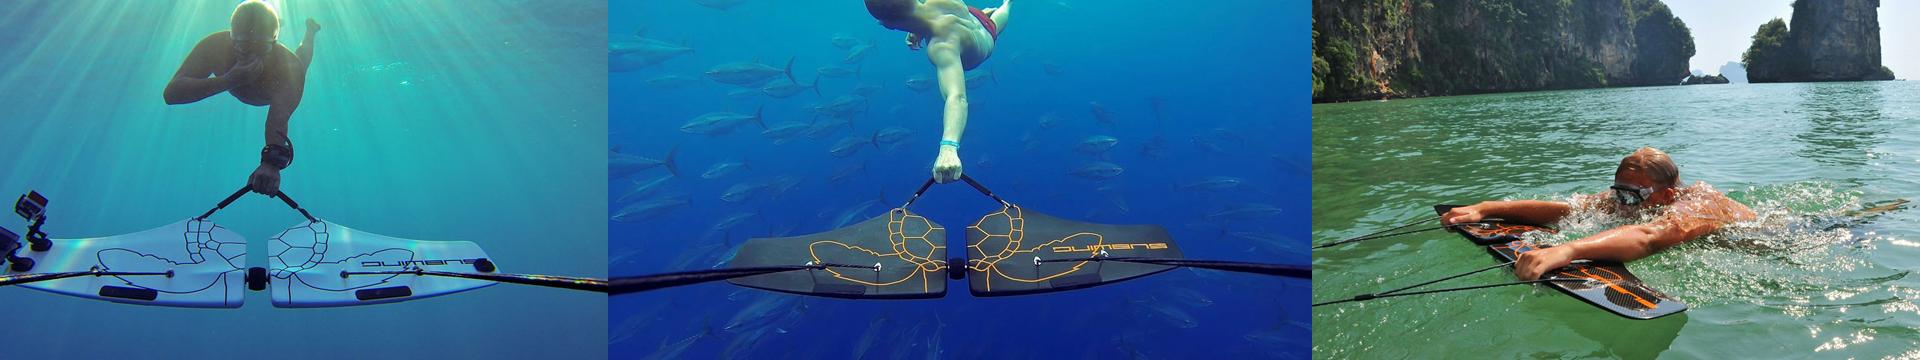 Subwing An Effortless Underwater Flight